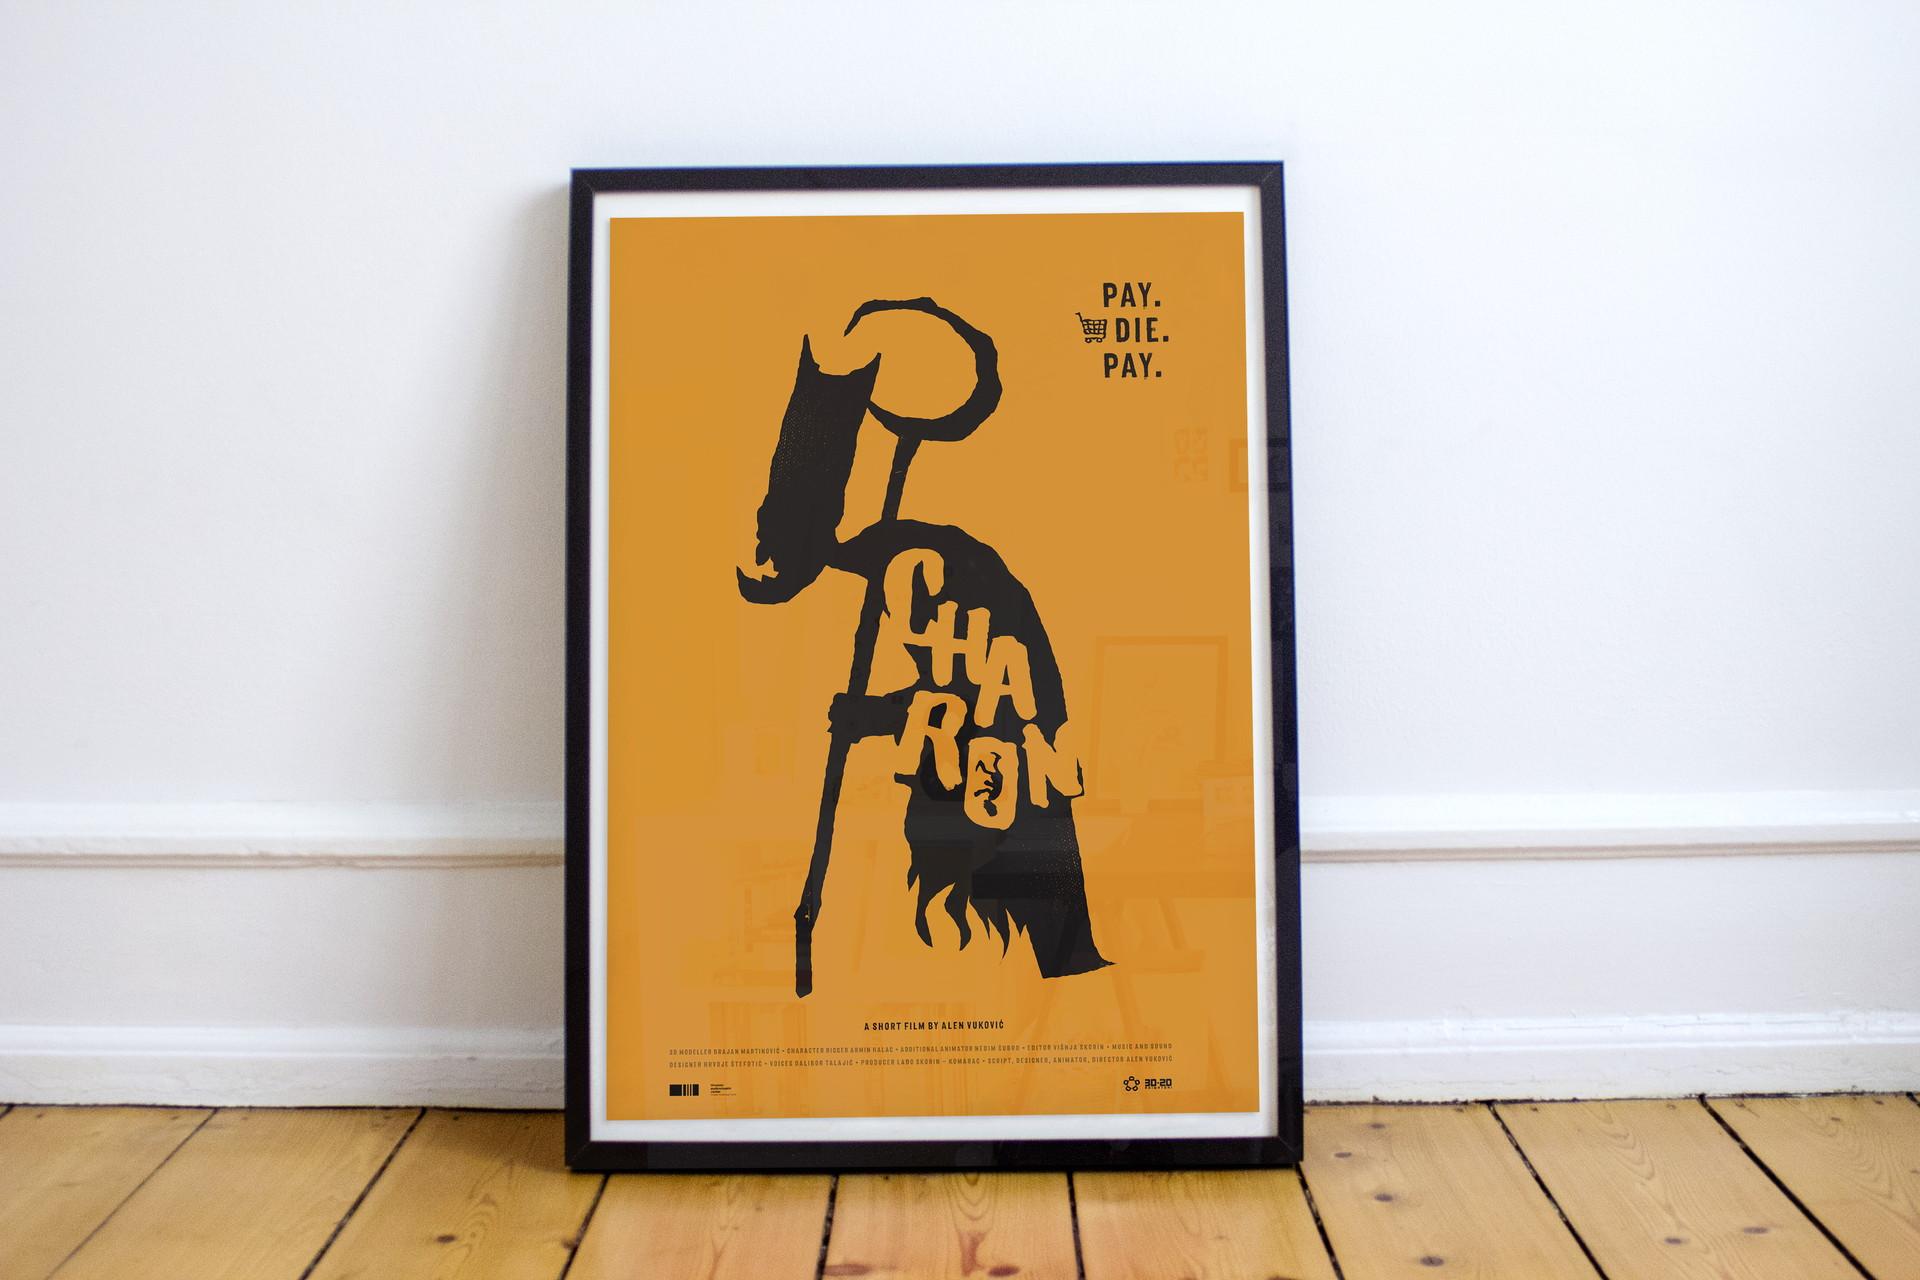 charon poster